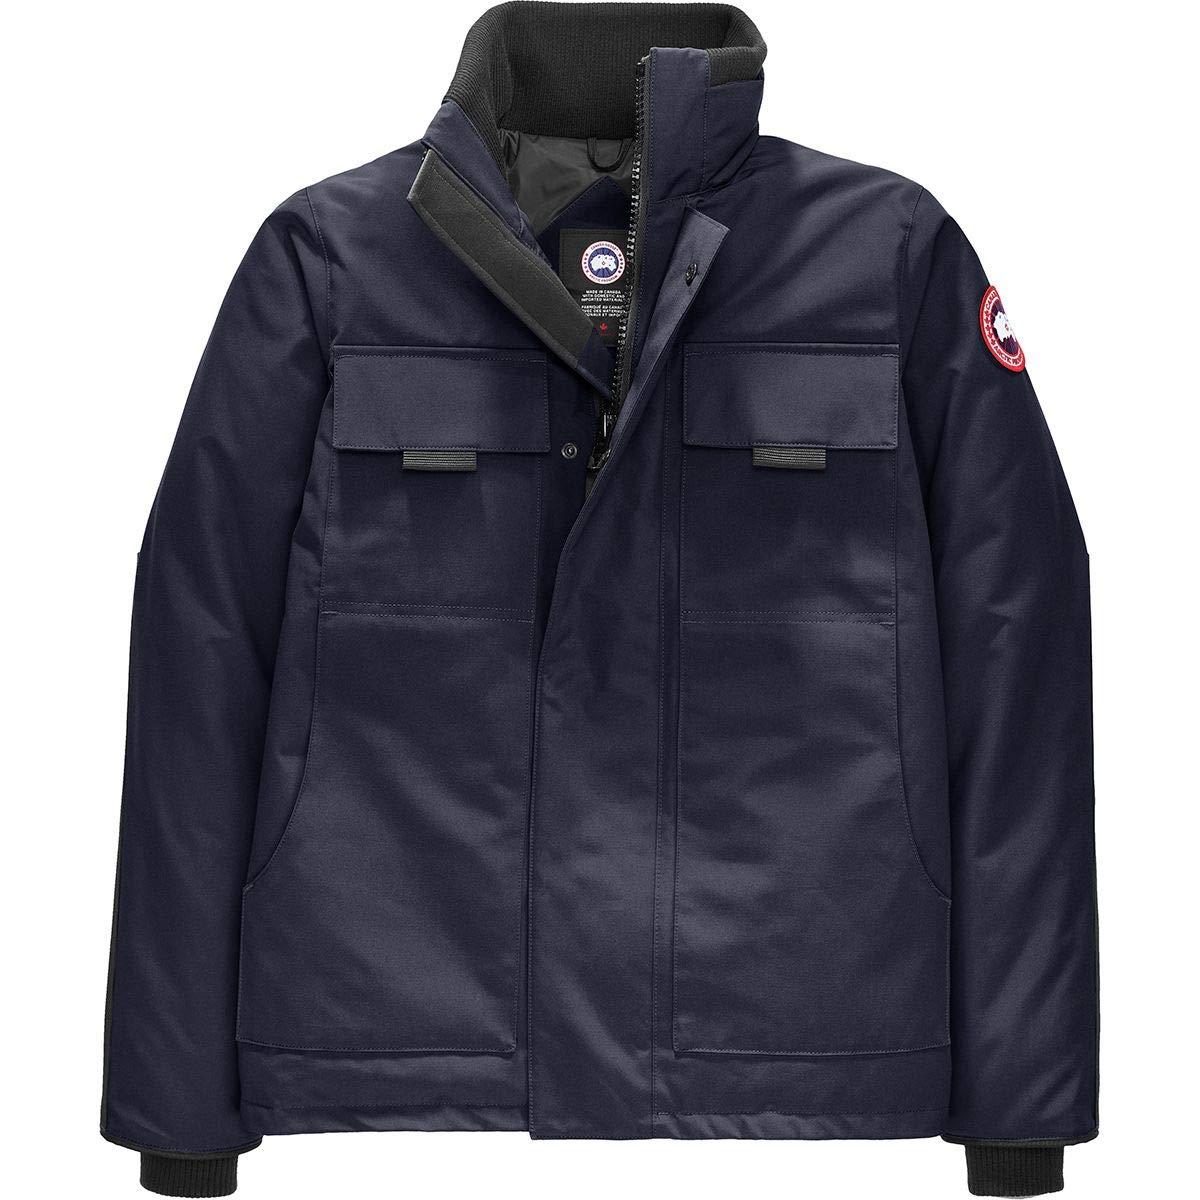 【メーカー直売】 (カナダグース)Canada Goose Forester Down Jacket メンズ ジャケットAdmiral Blue 日本サイズ Blue [並行輸入品] S) B07K3ZN1PH 日本サイズ M相当 (US S)|Admiral Blue Admiral Blue 日本サイズ M相当 (US S), 【予約販売品】:e2f2c915 --- realcalcados.com.br